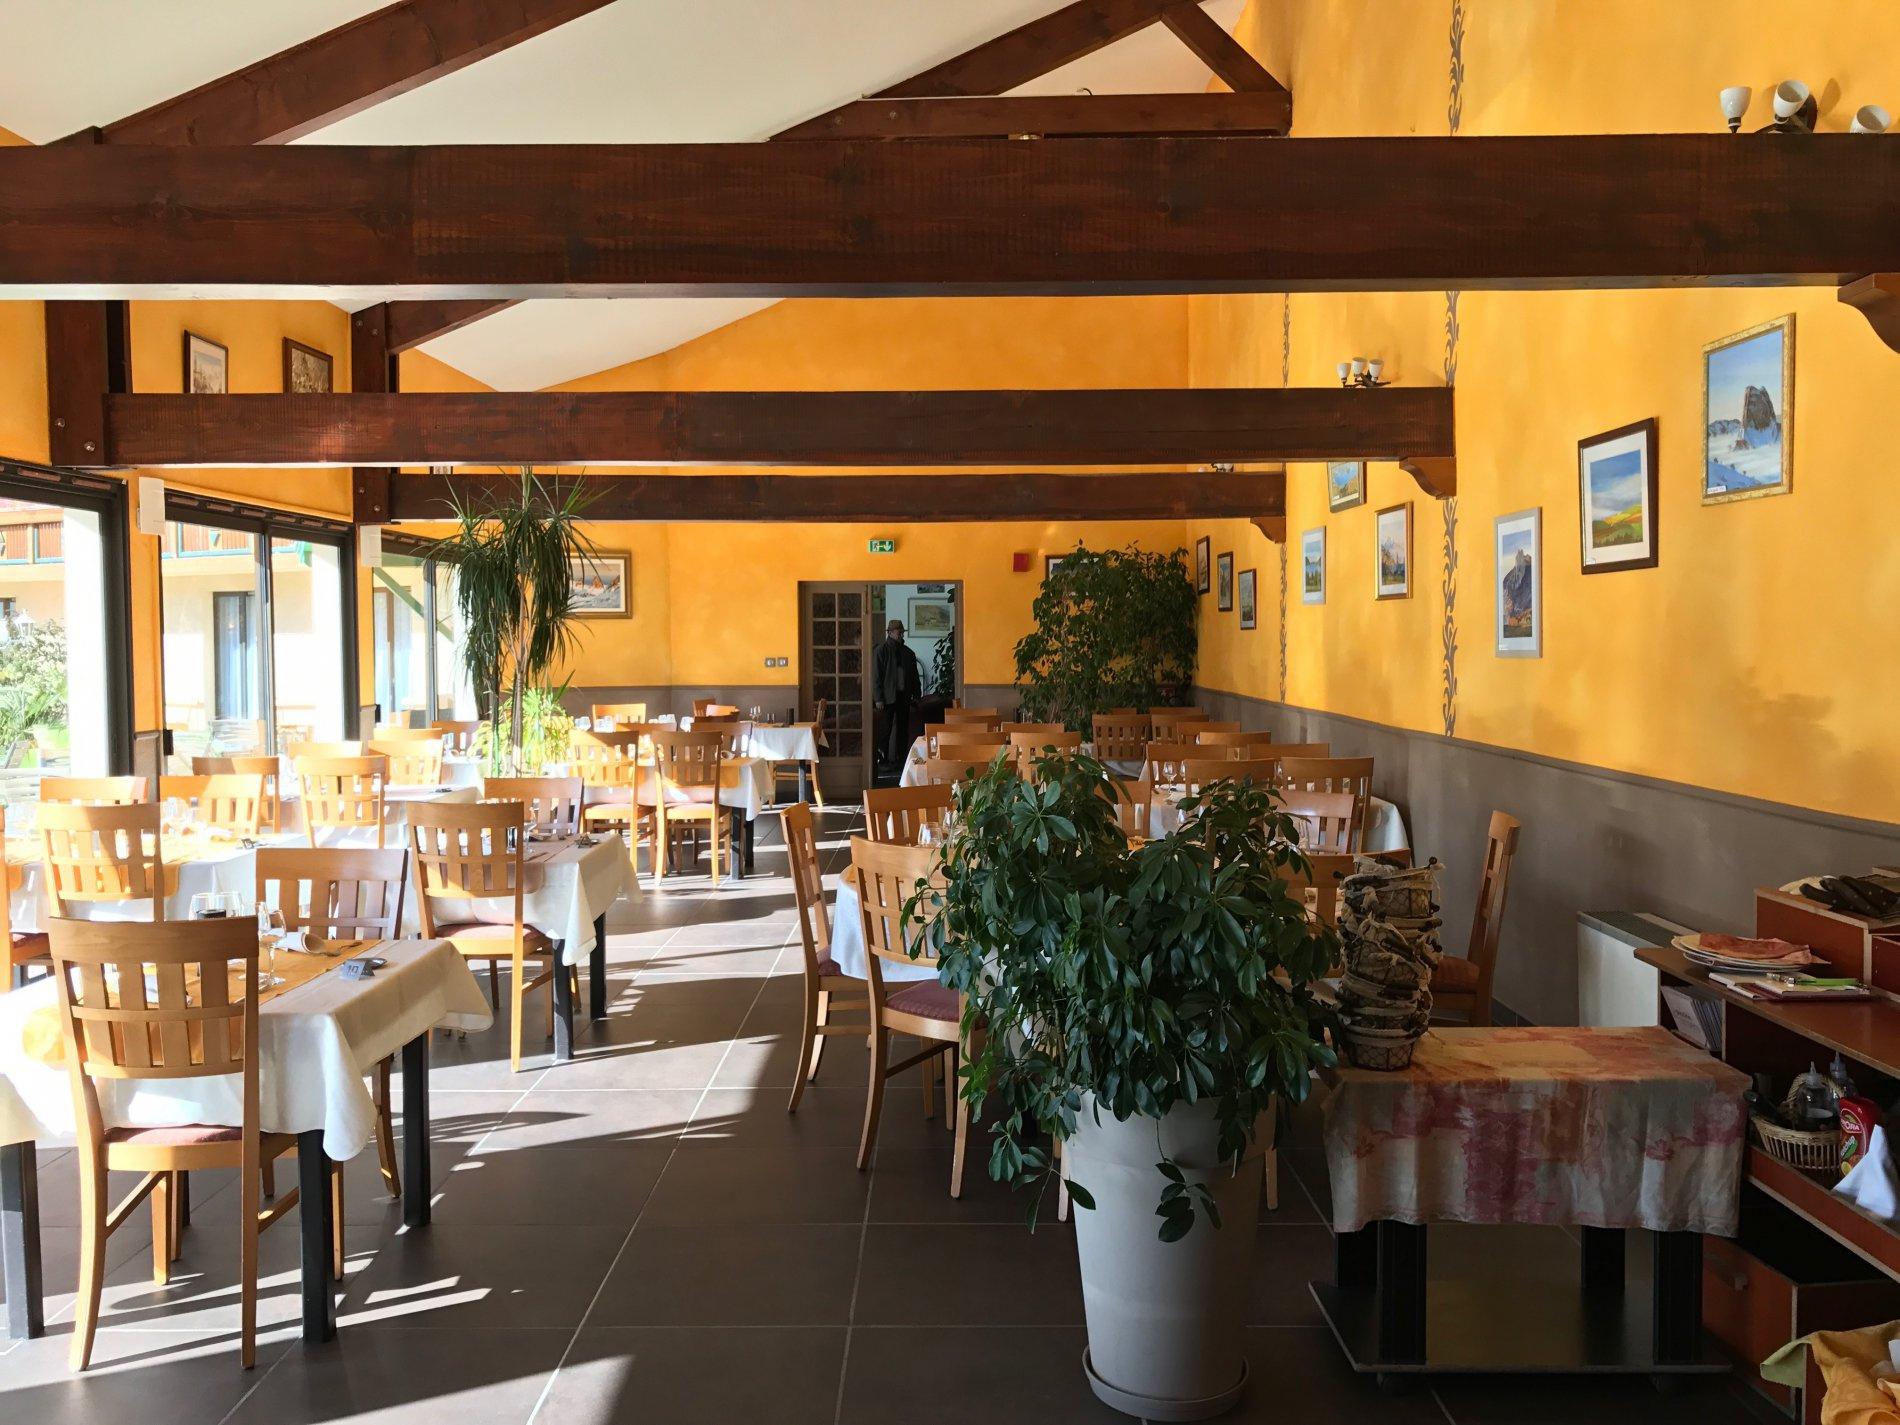 Carrelage Salle De Bain Sur Parquet ~ Vente Immobilier Professionnel La M Re Superbe H Tel Trois Toiles